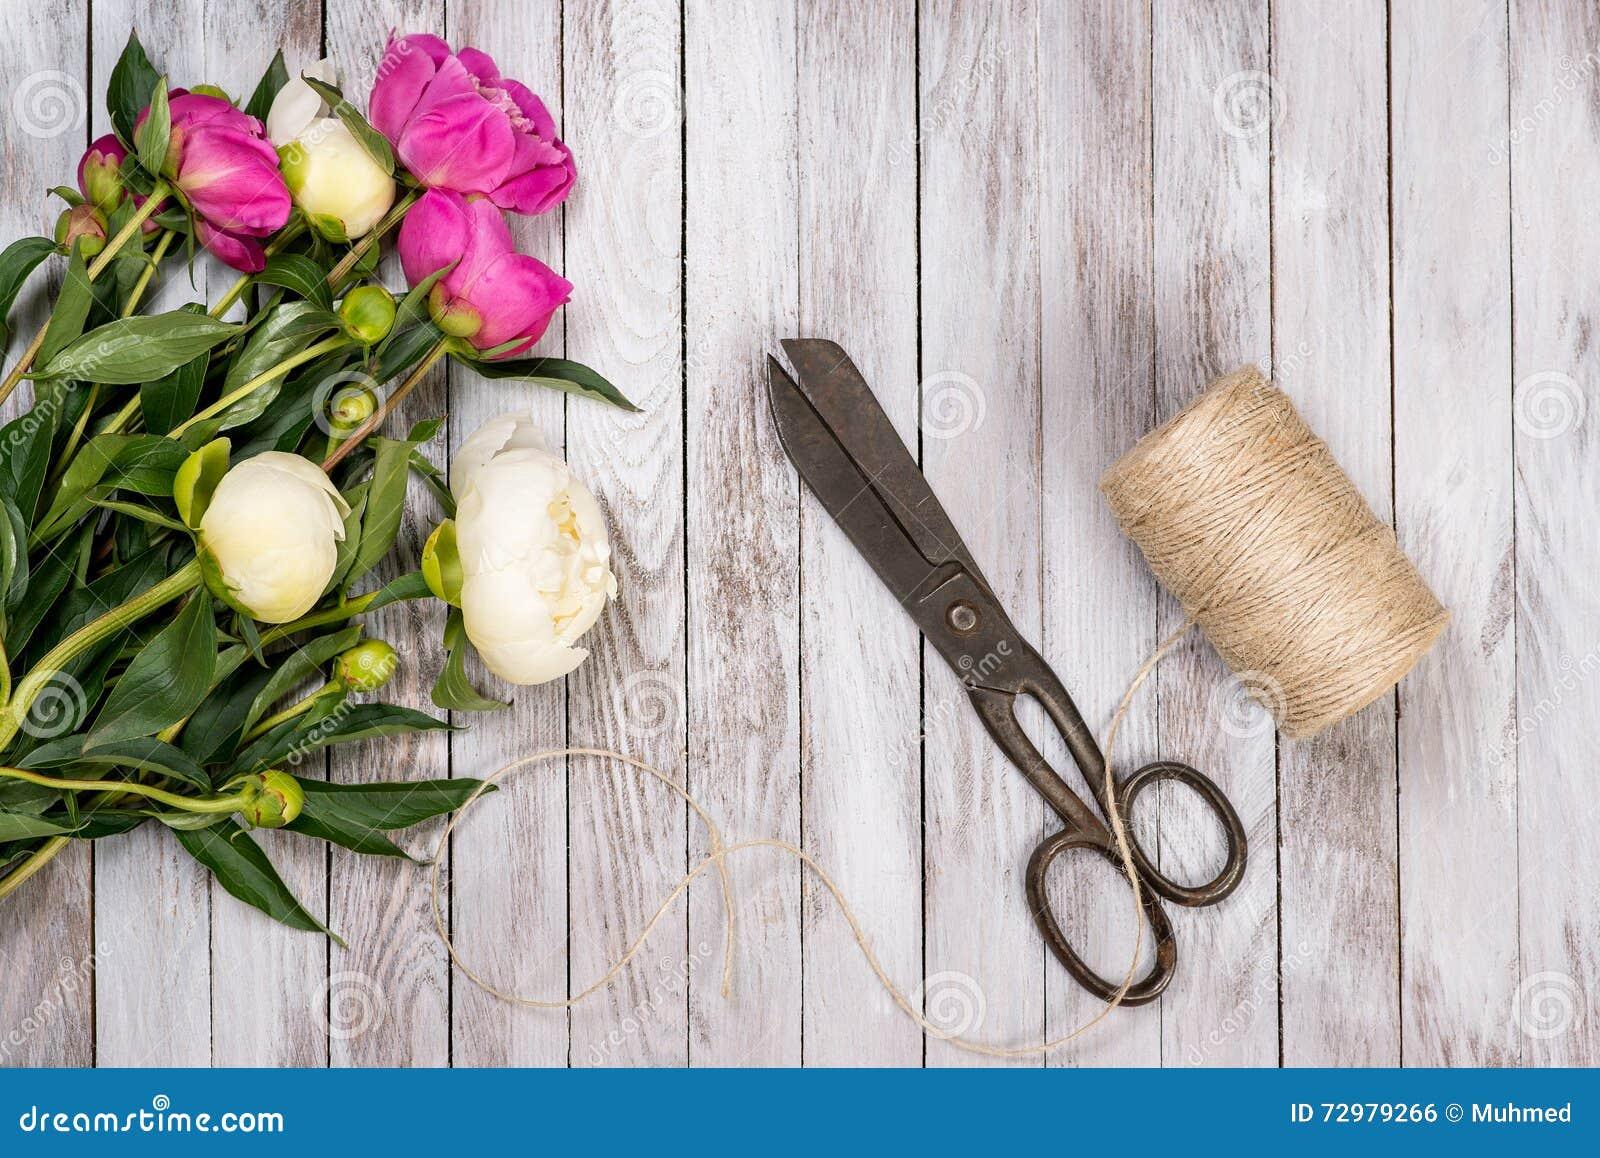 Ha Fiori Bianchi E Rosa.Il Mazzo Dei Fiori Delle Peonie Della Cordicella E Delle Forbici